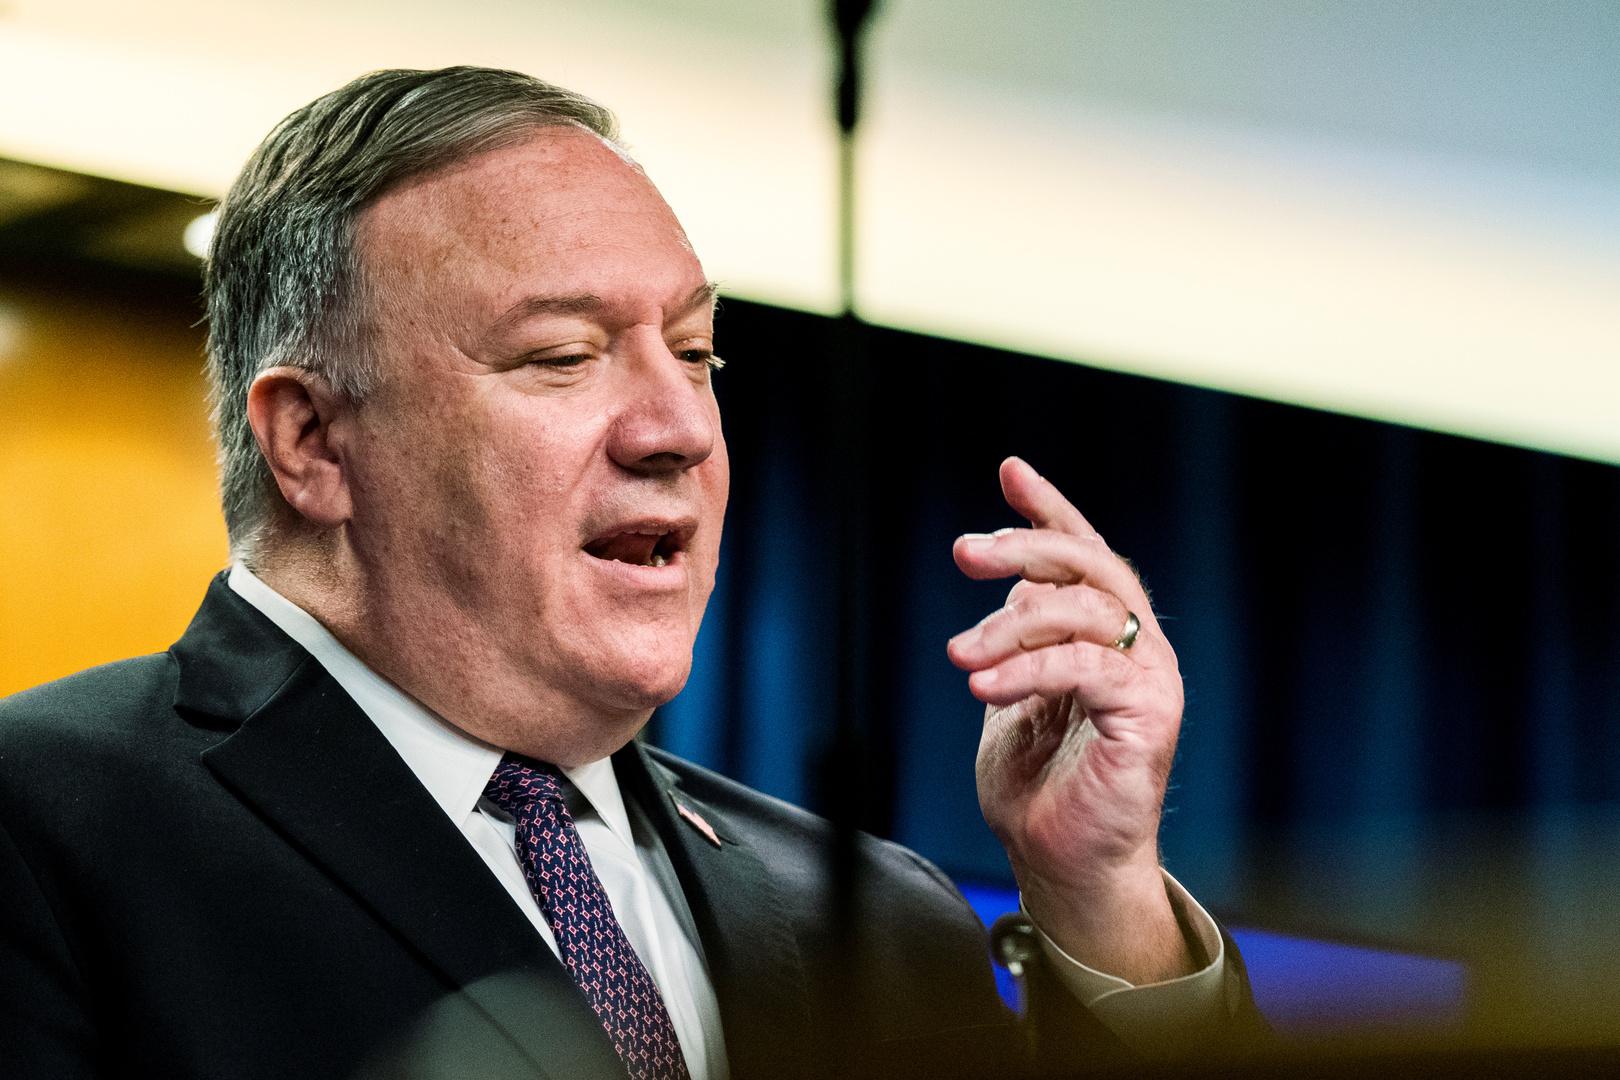 بومبيو يتهم روسيا والصين وإيران بمحاولة التأثير على نتائج الانتخابات الأمريكية